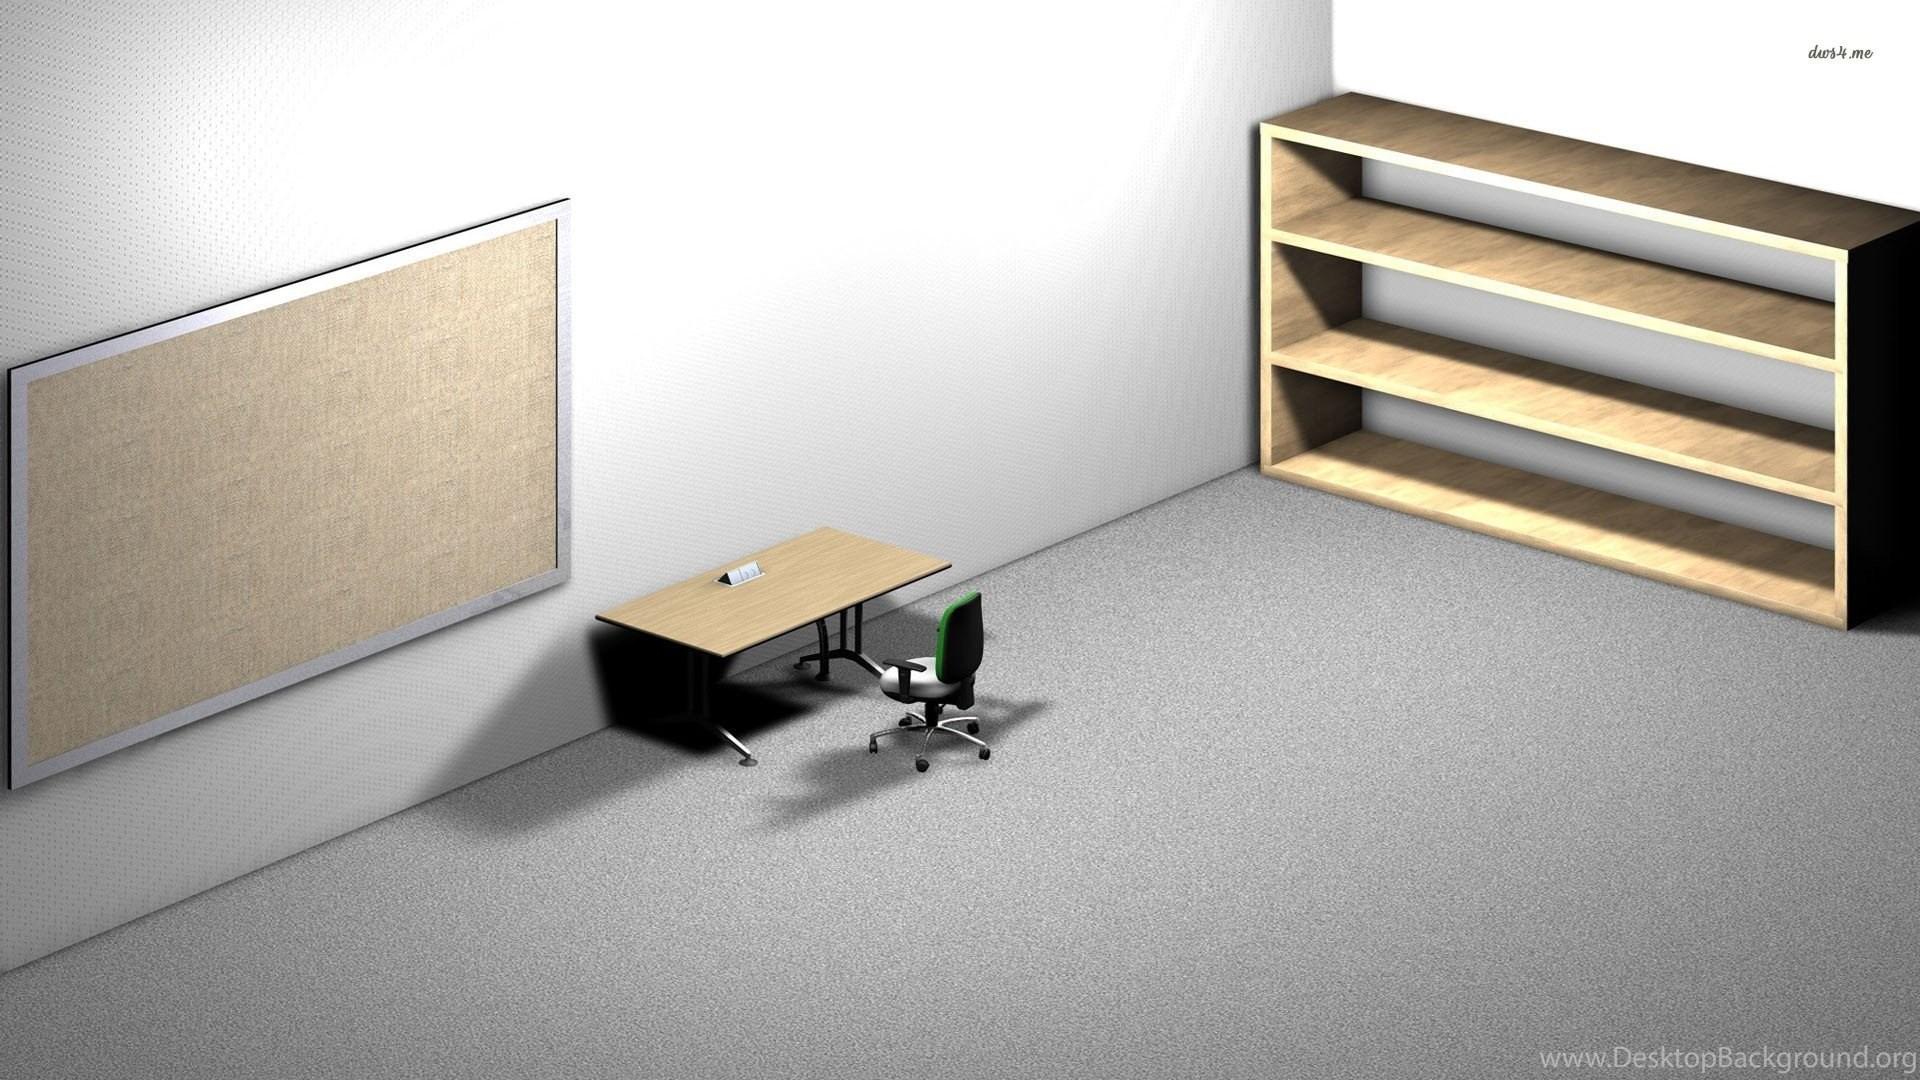 989045 desktop wallpapers office desktop